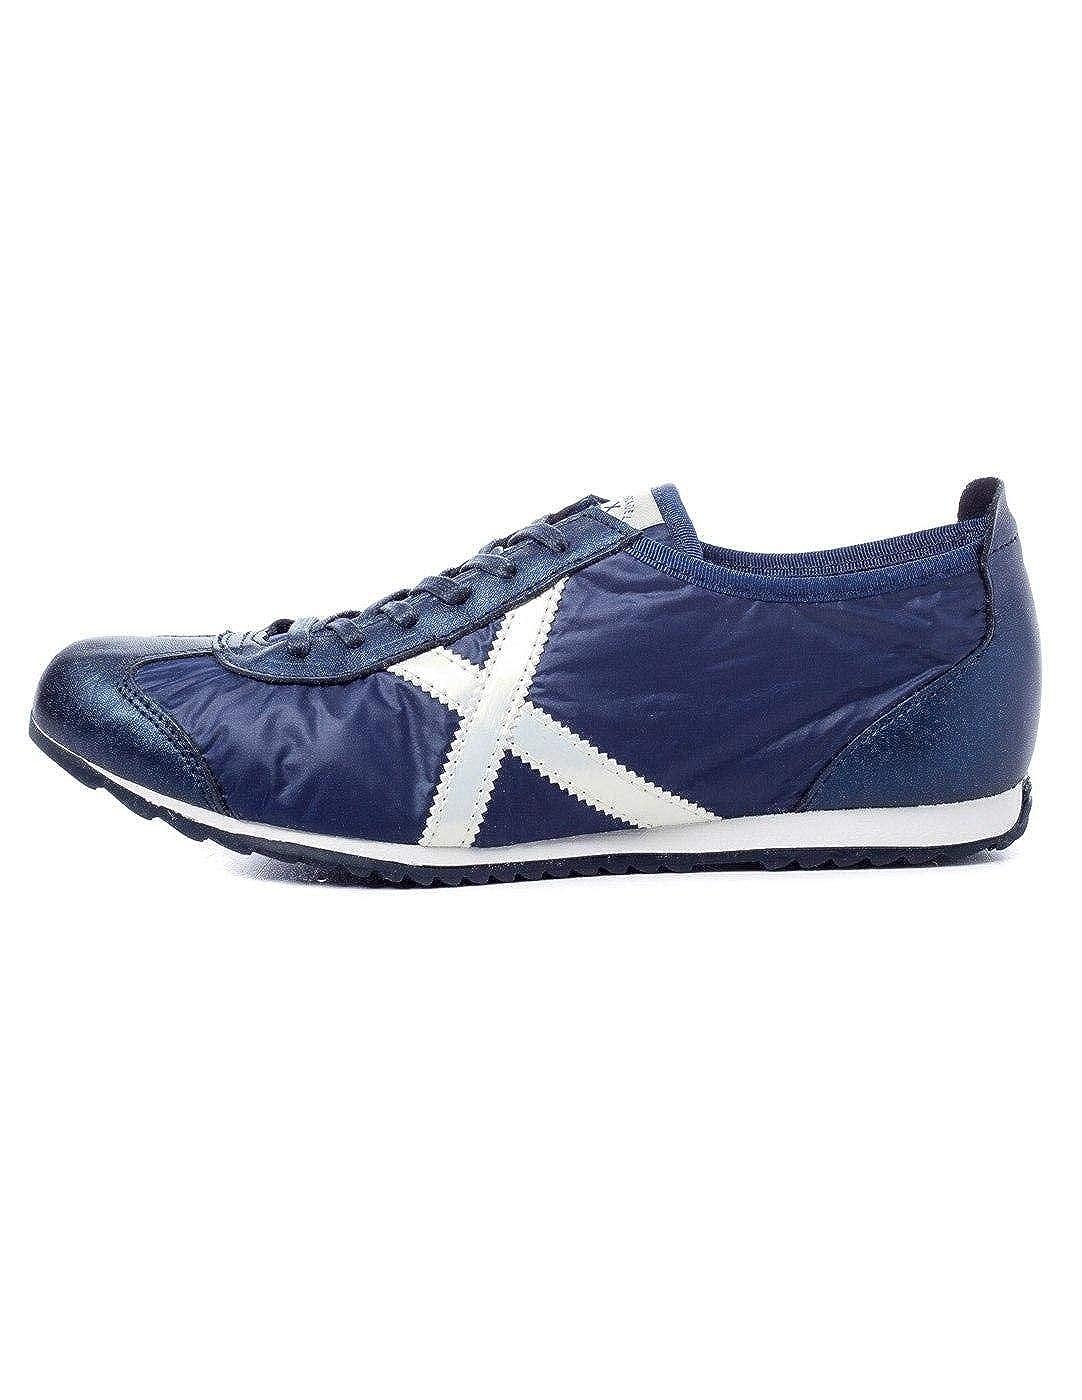 Munich Osaka 365 - Zapatillas Bajas Hombre: Amazon.es: Zapatos y complementos